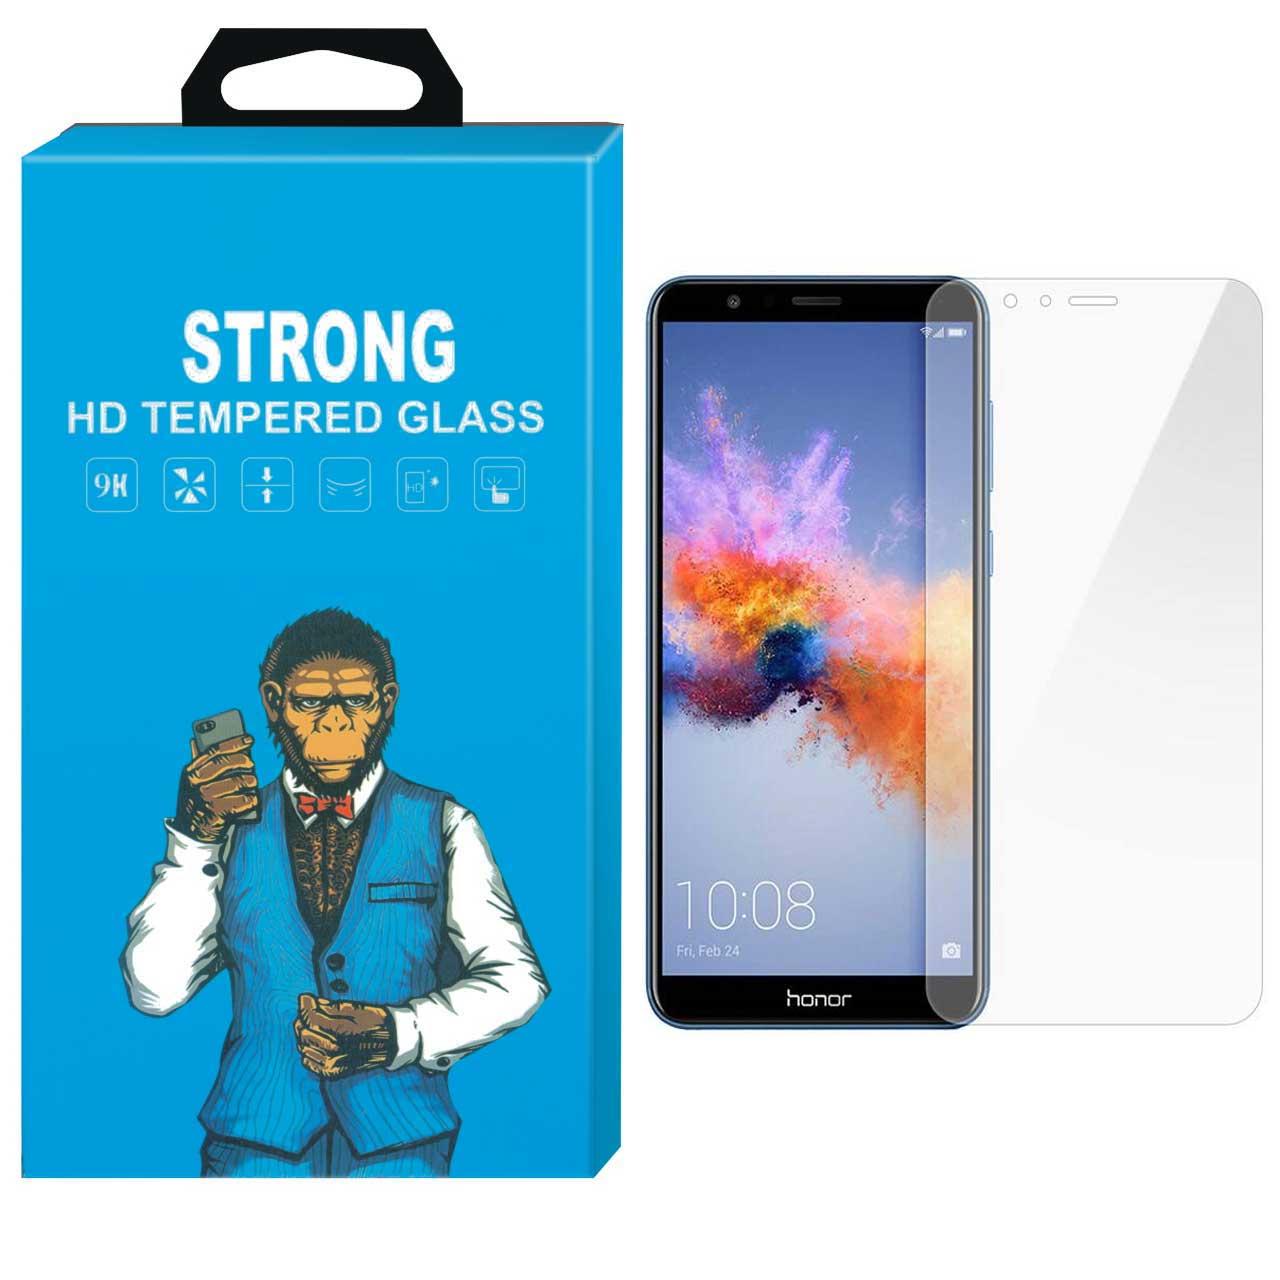 محافظ صفحه نمایش نانو فلکسبل مدل Strong Fullcover مناسب برای گوشی هواوی Honor 7X